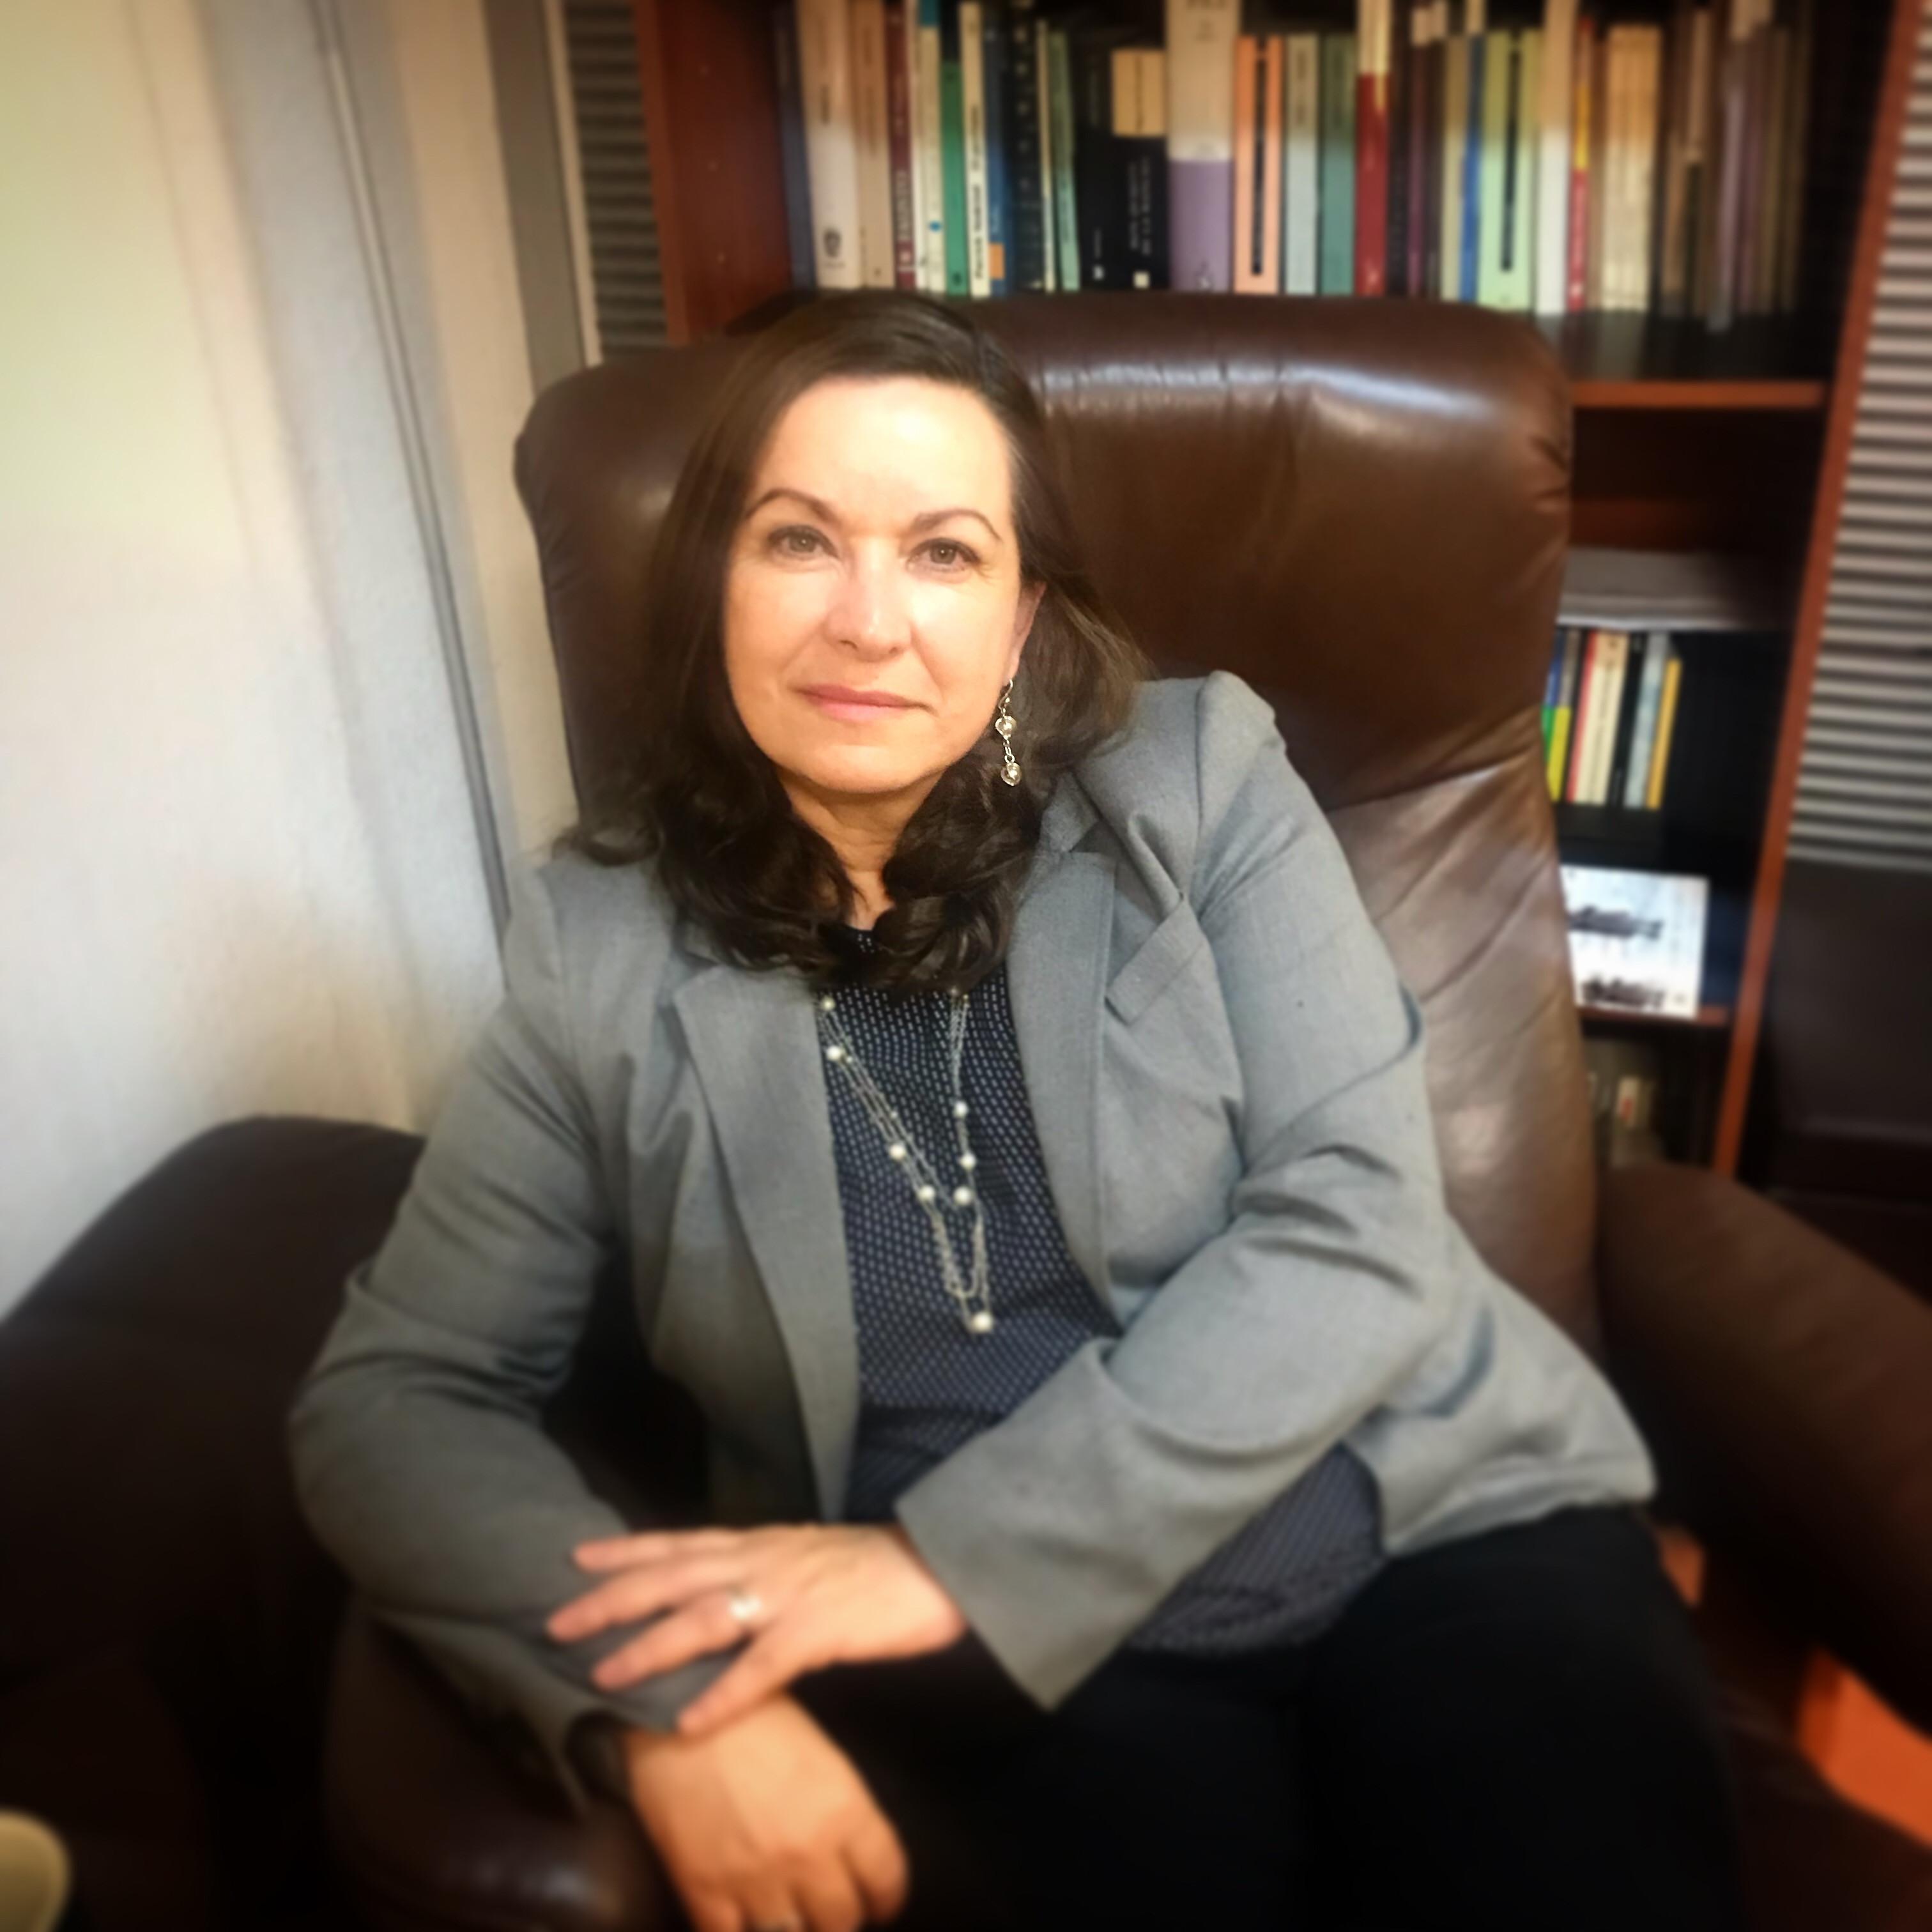 Lourdes Sanz